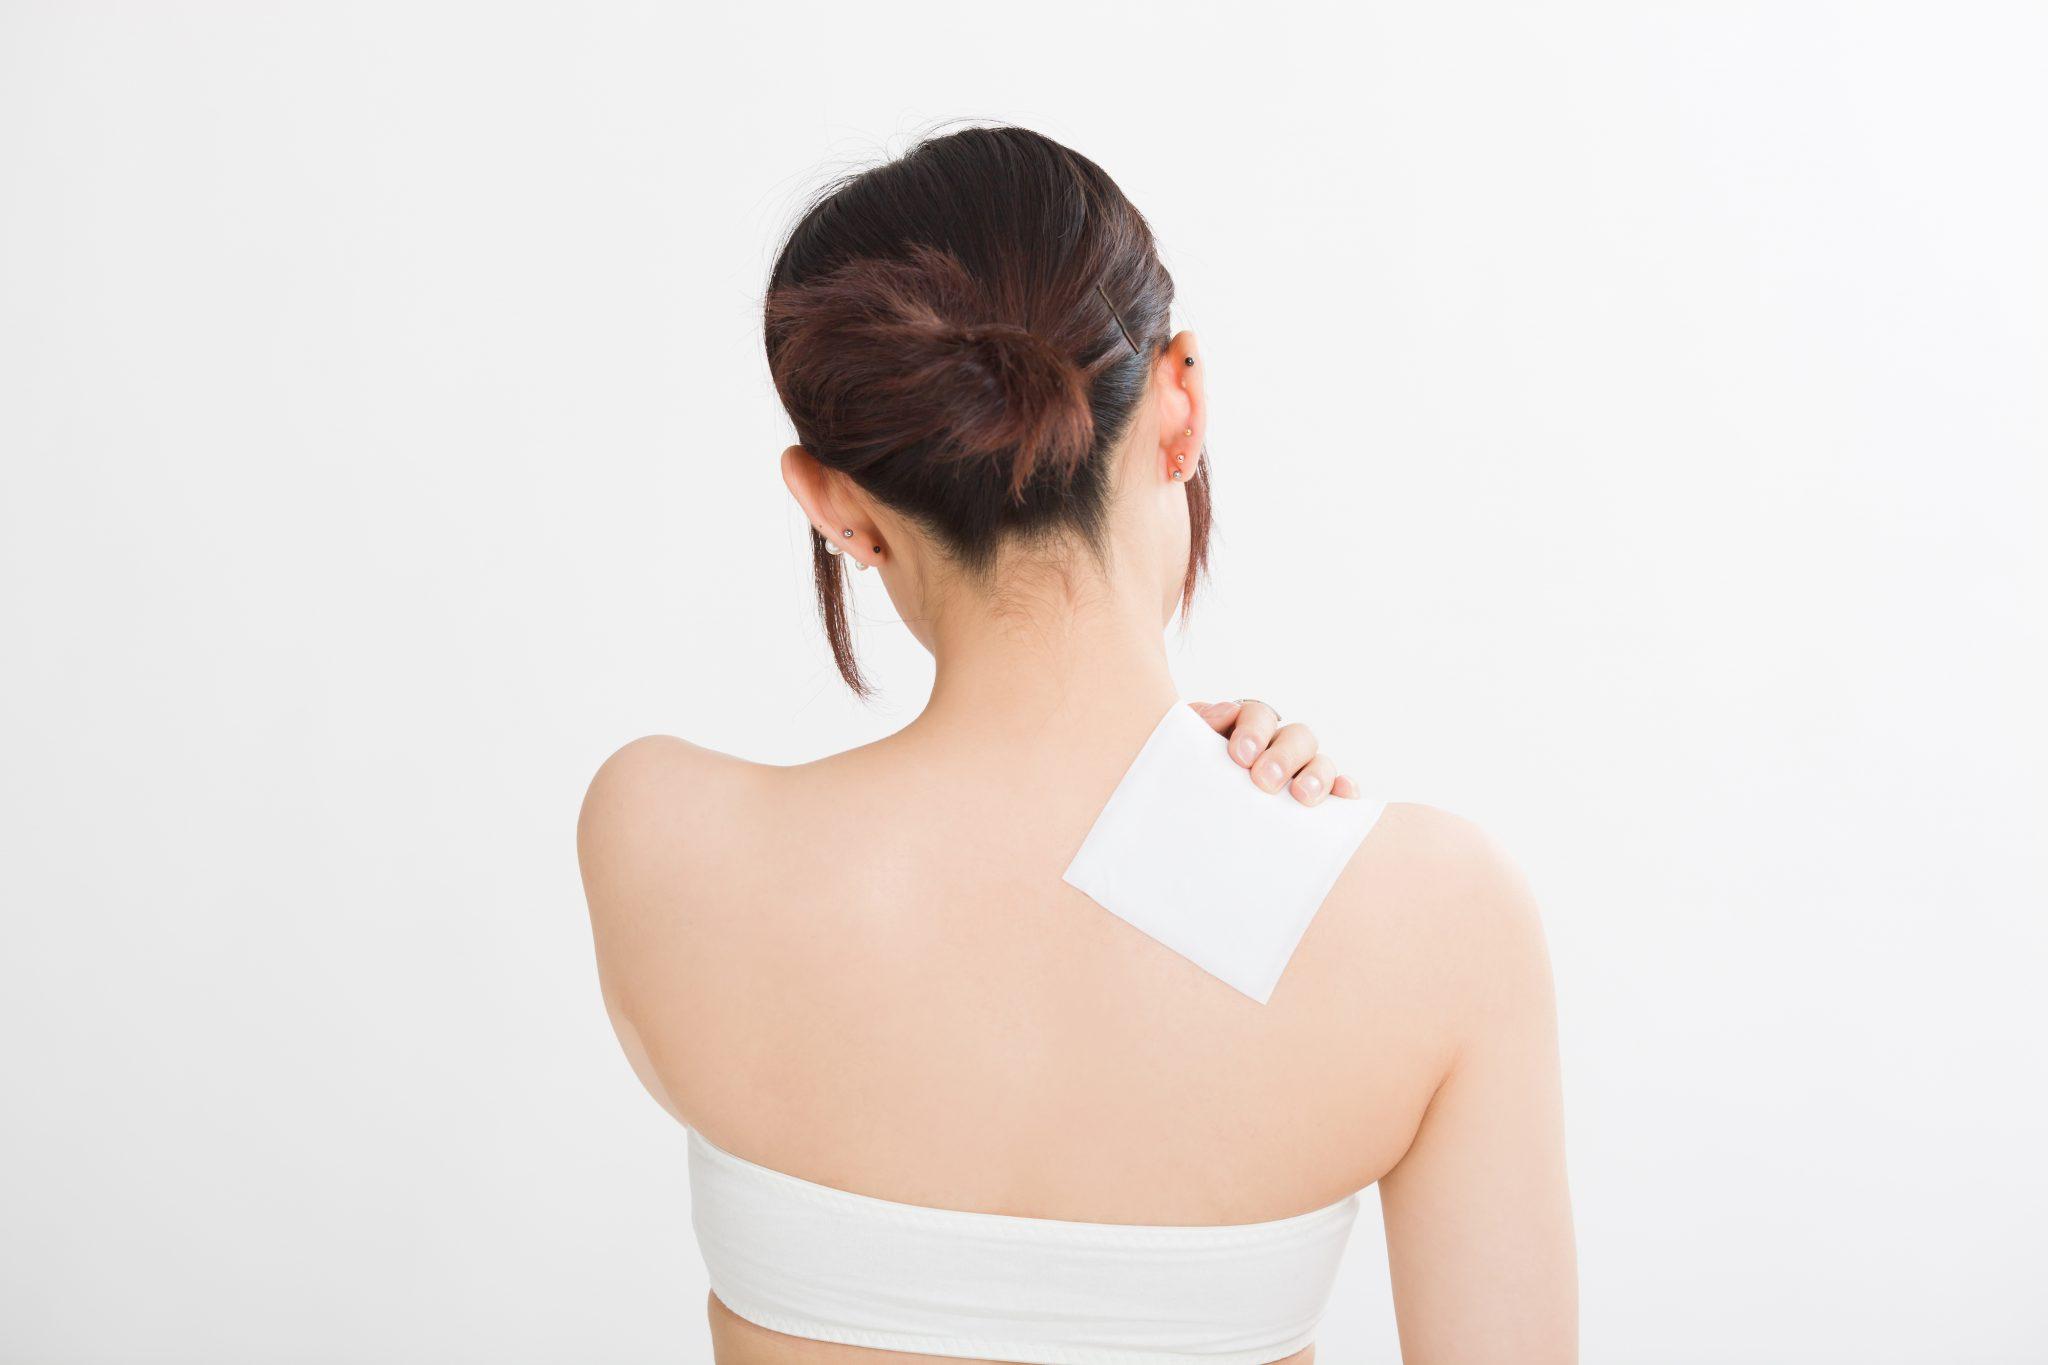 筋肉痛は湿布で解消しよう!貼るタイミングや痛みを和らげる方法3選